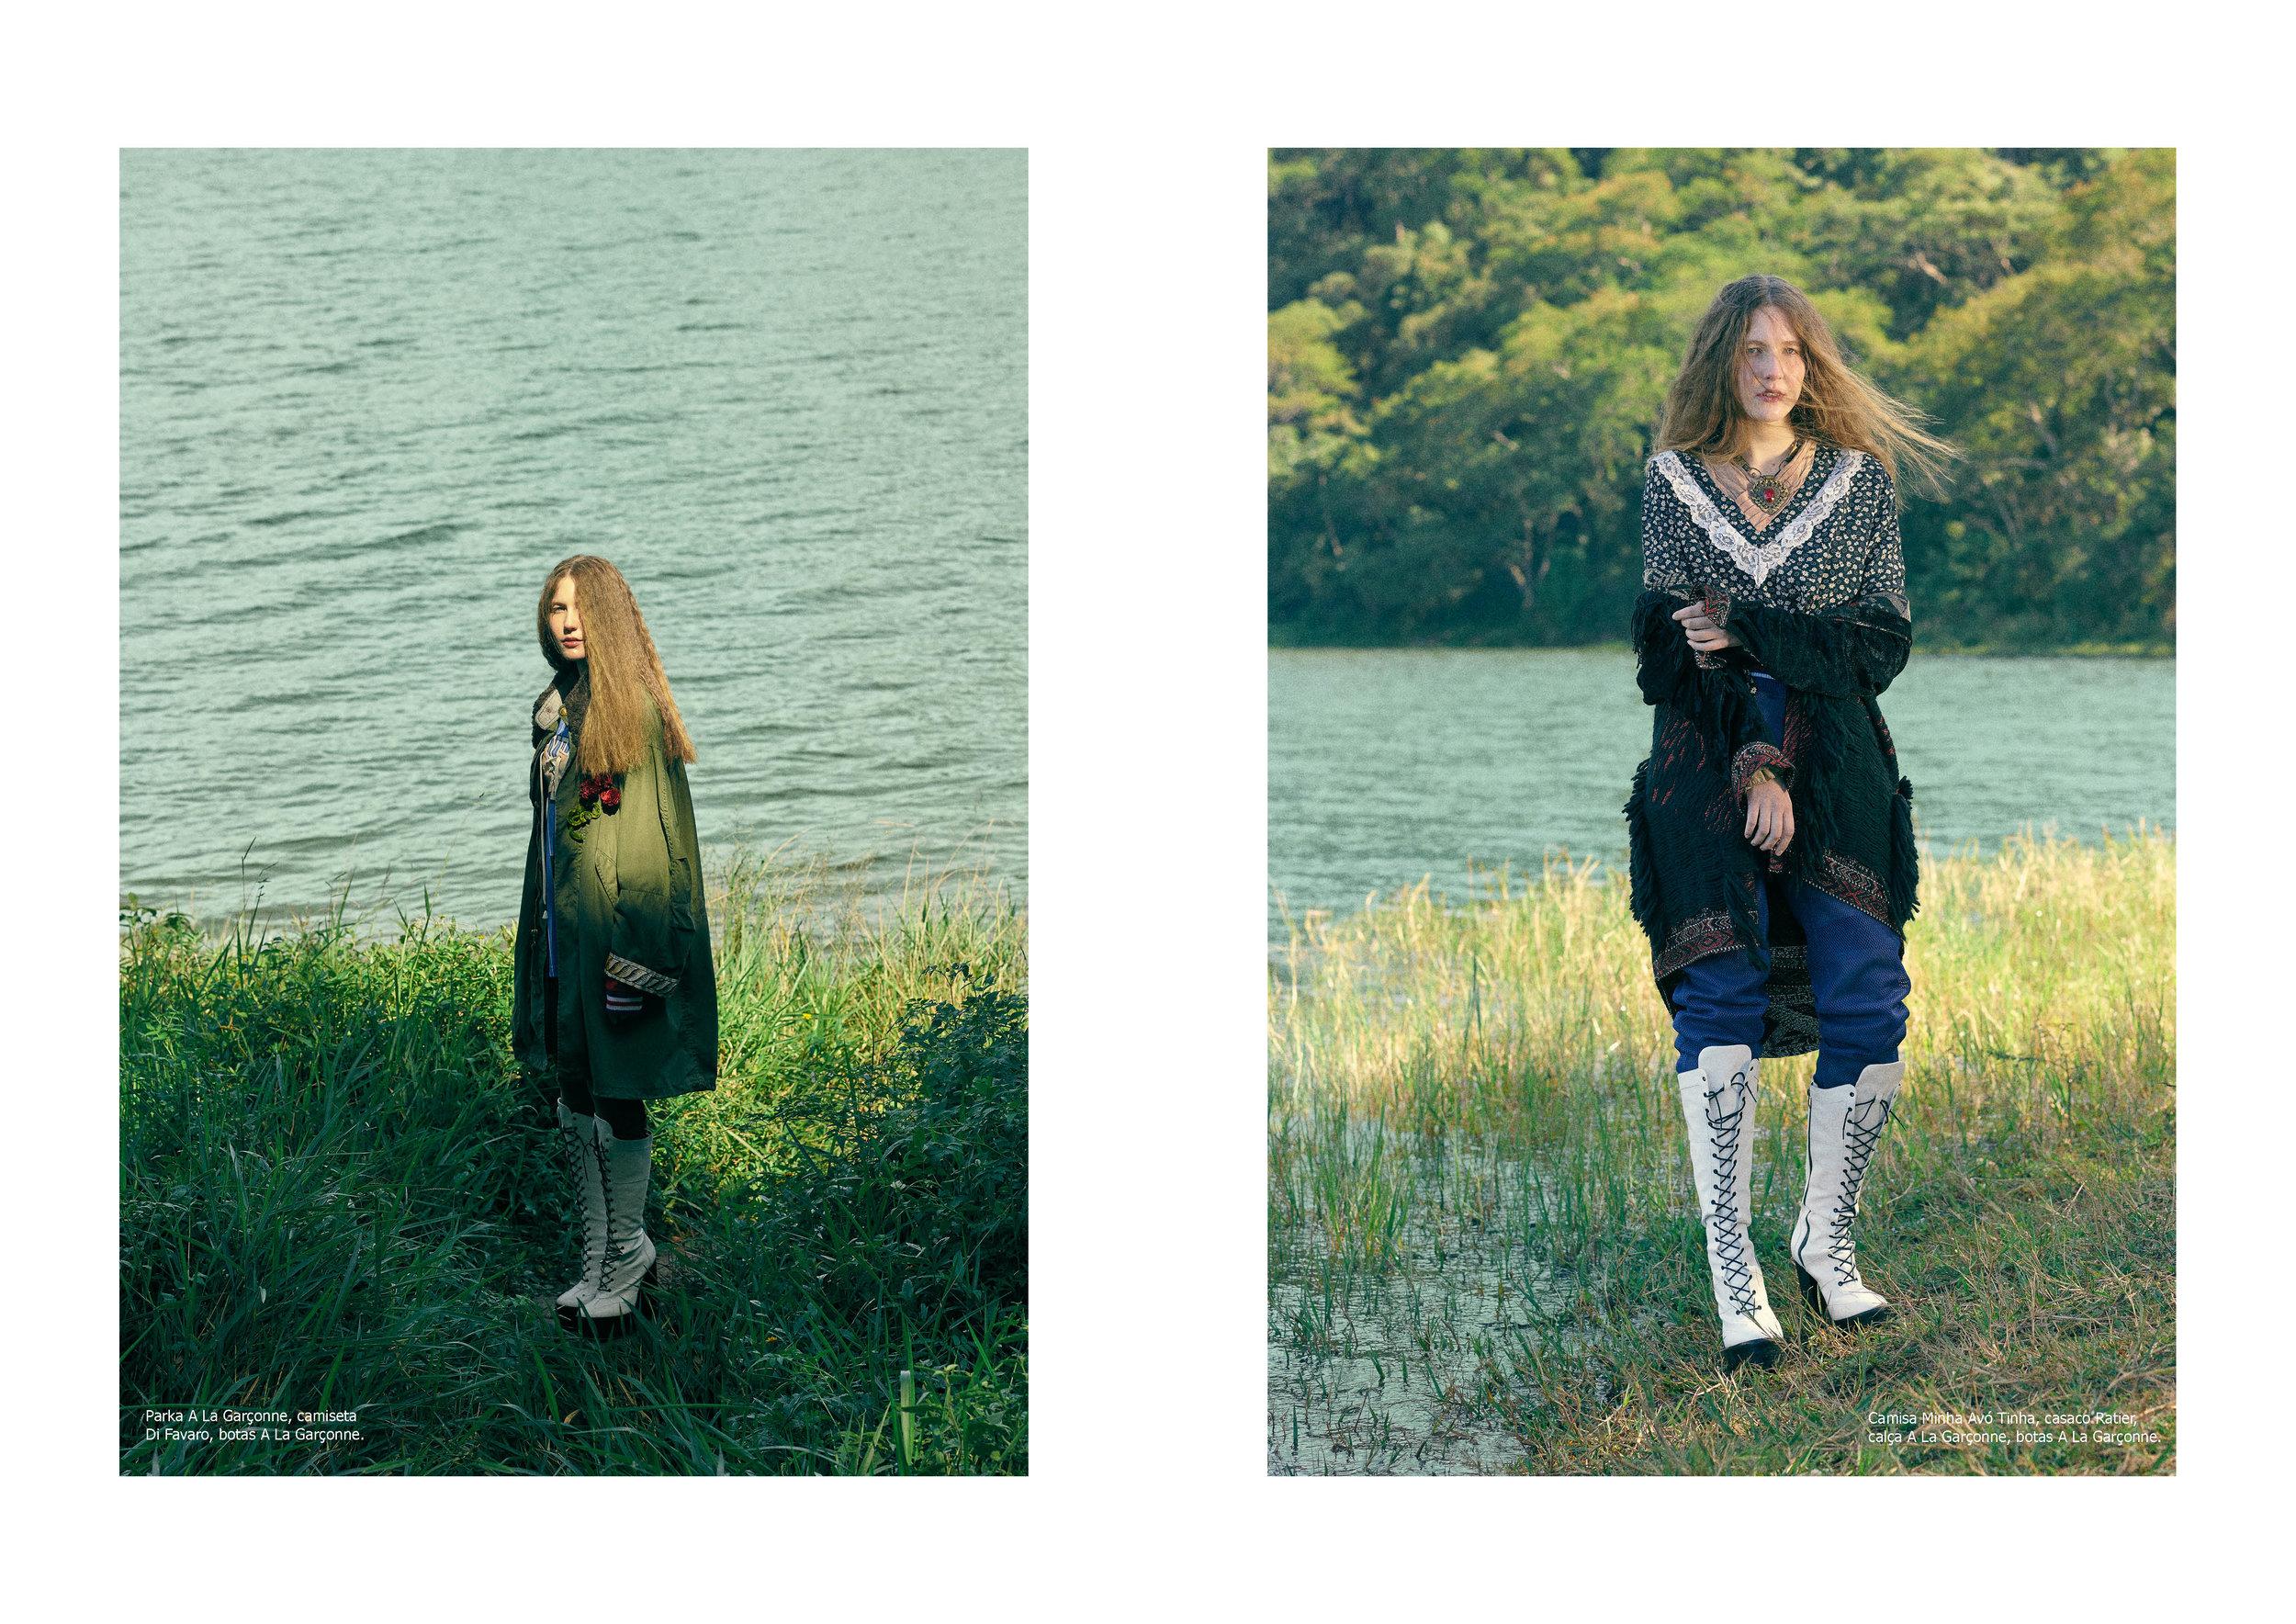 lake_in_the_woods_2.jpg